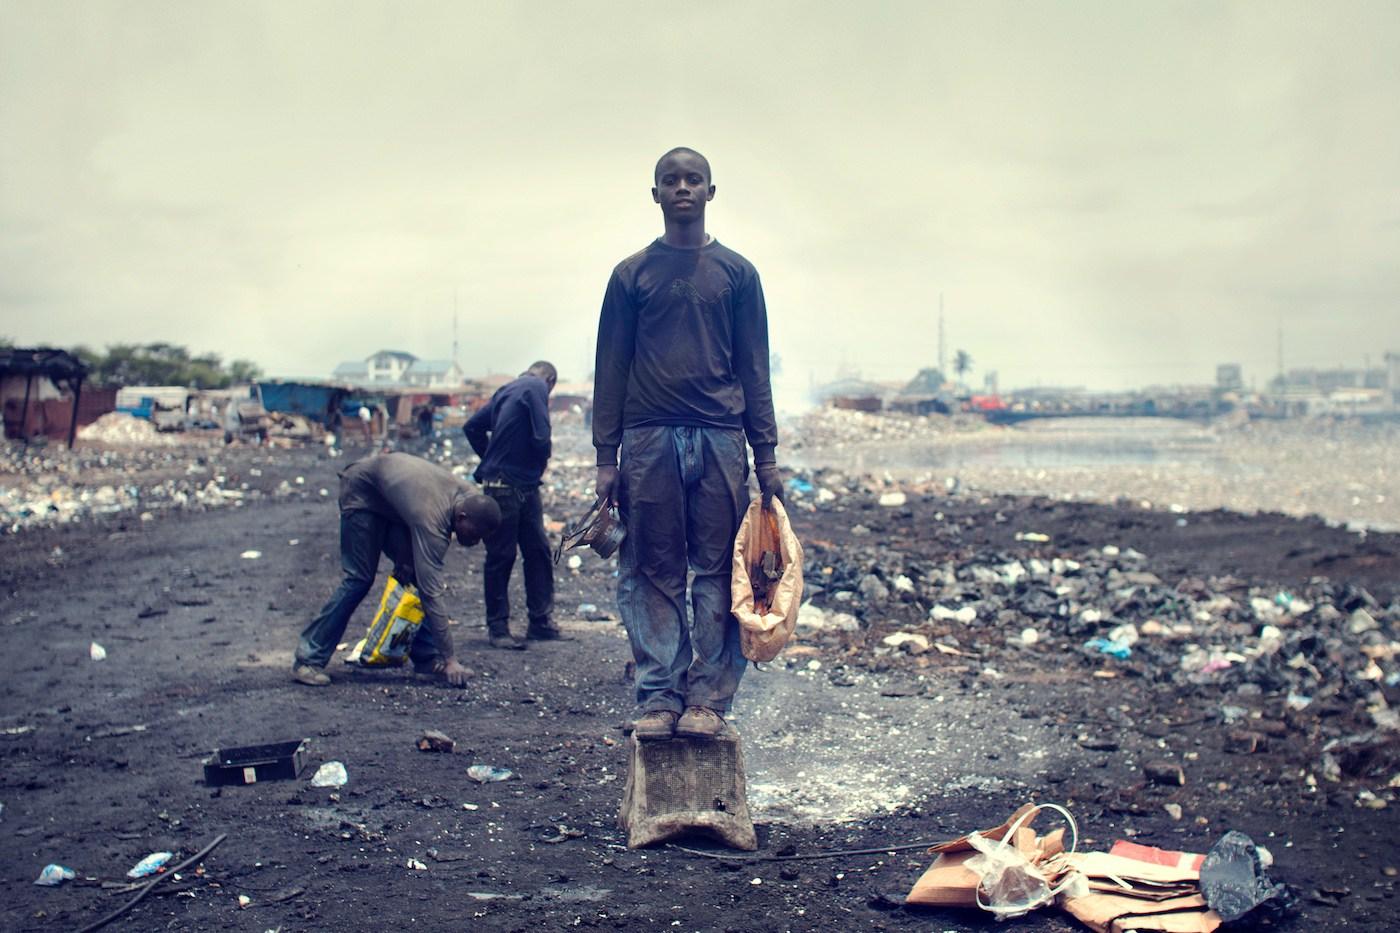 Agbogbloshie_KevinMcElvaney_Accra_e-waste-5